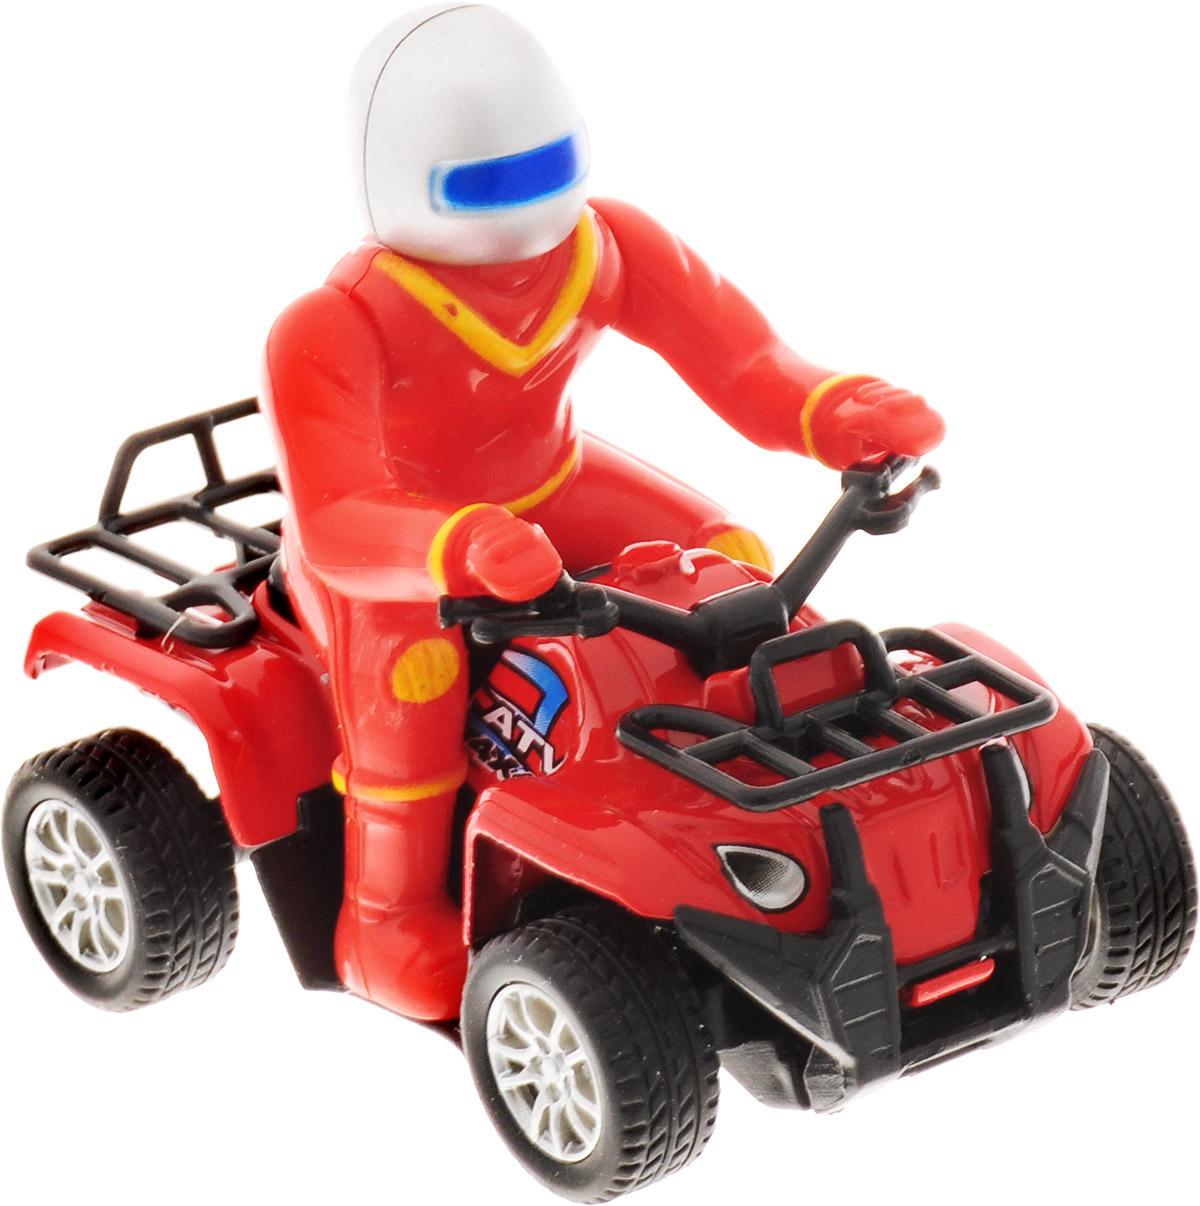 ТехноПарк Квадроцикл с фигуркой цвет красный